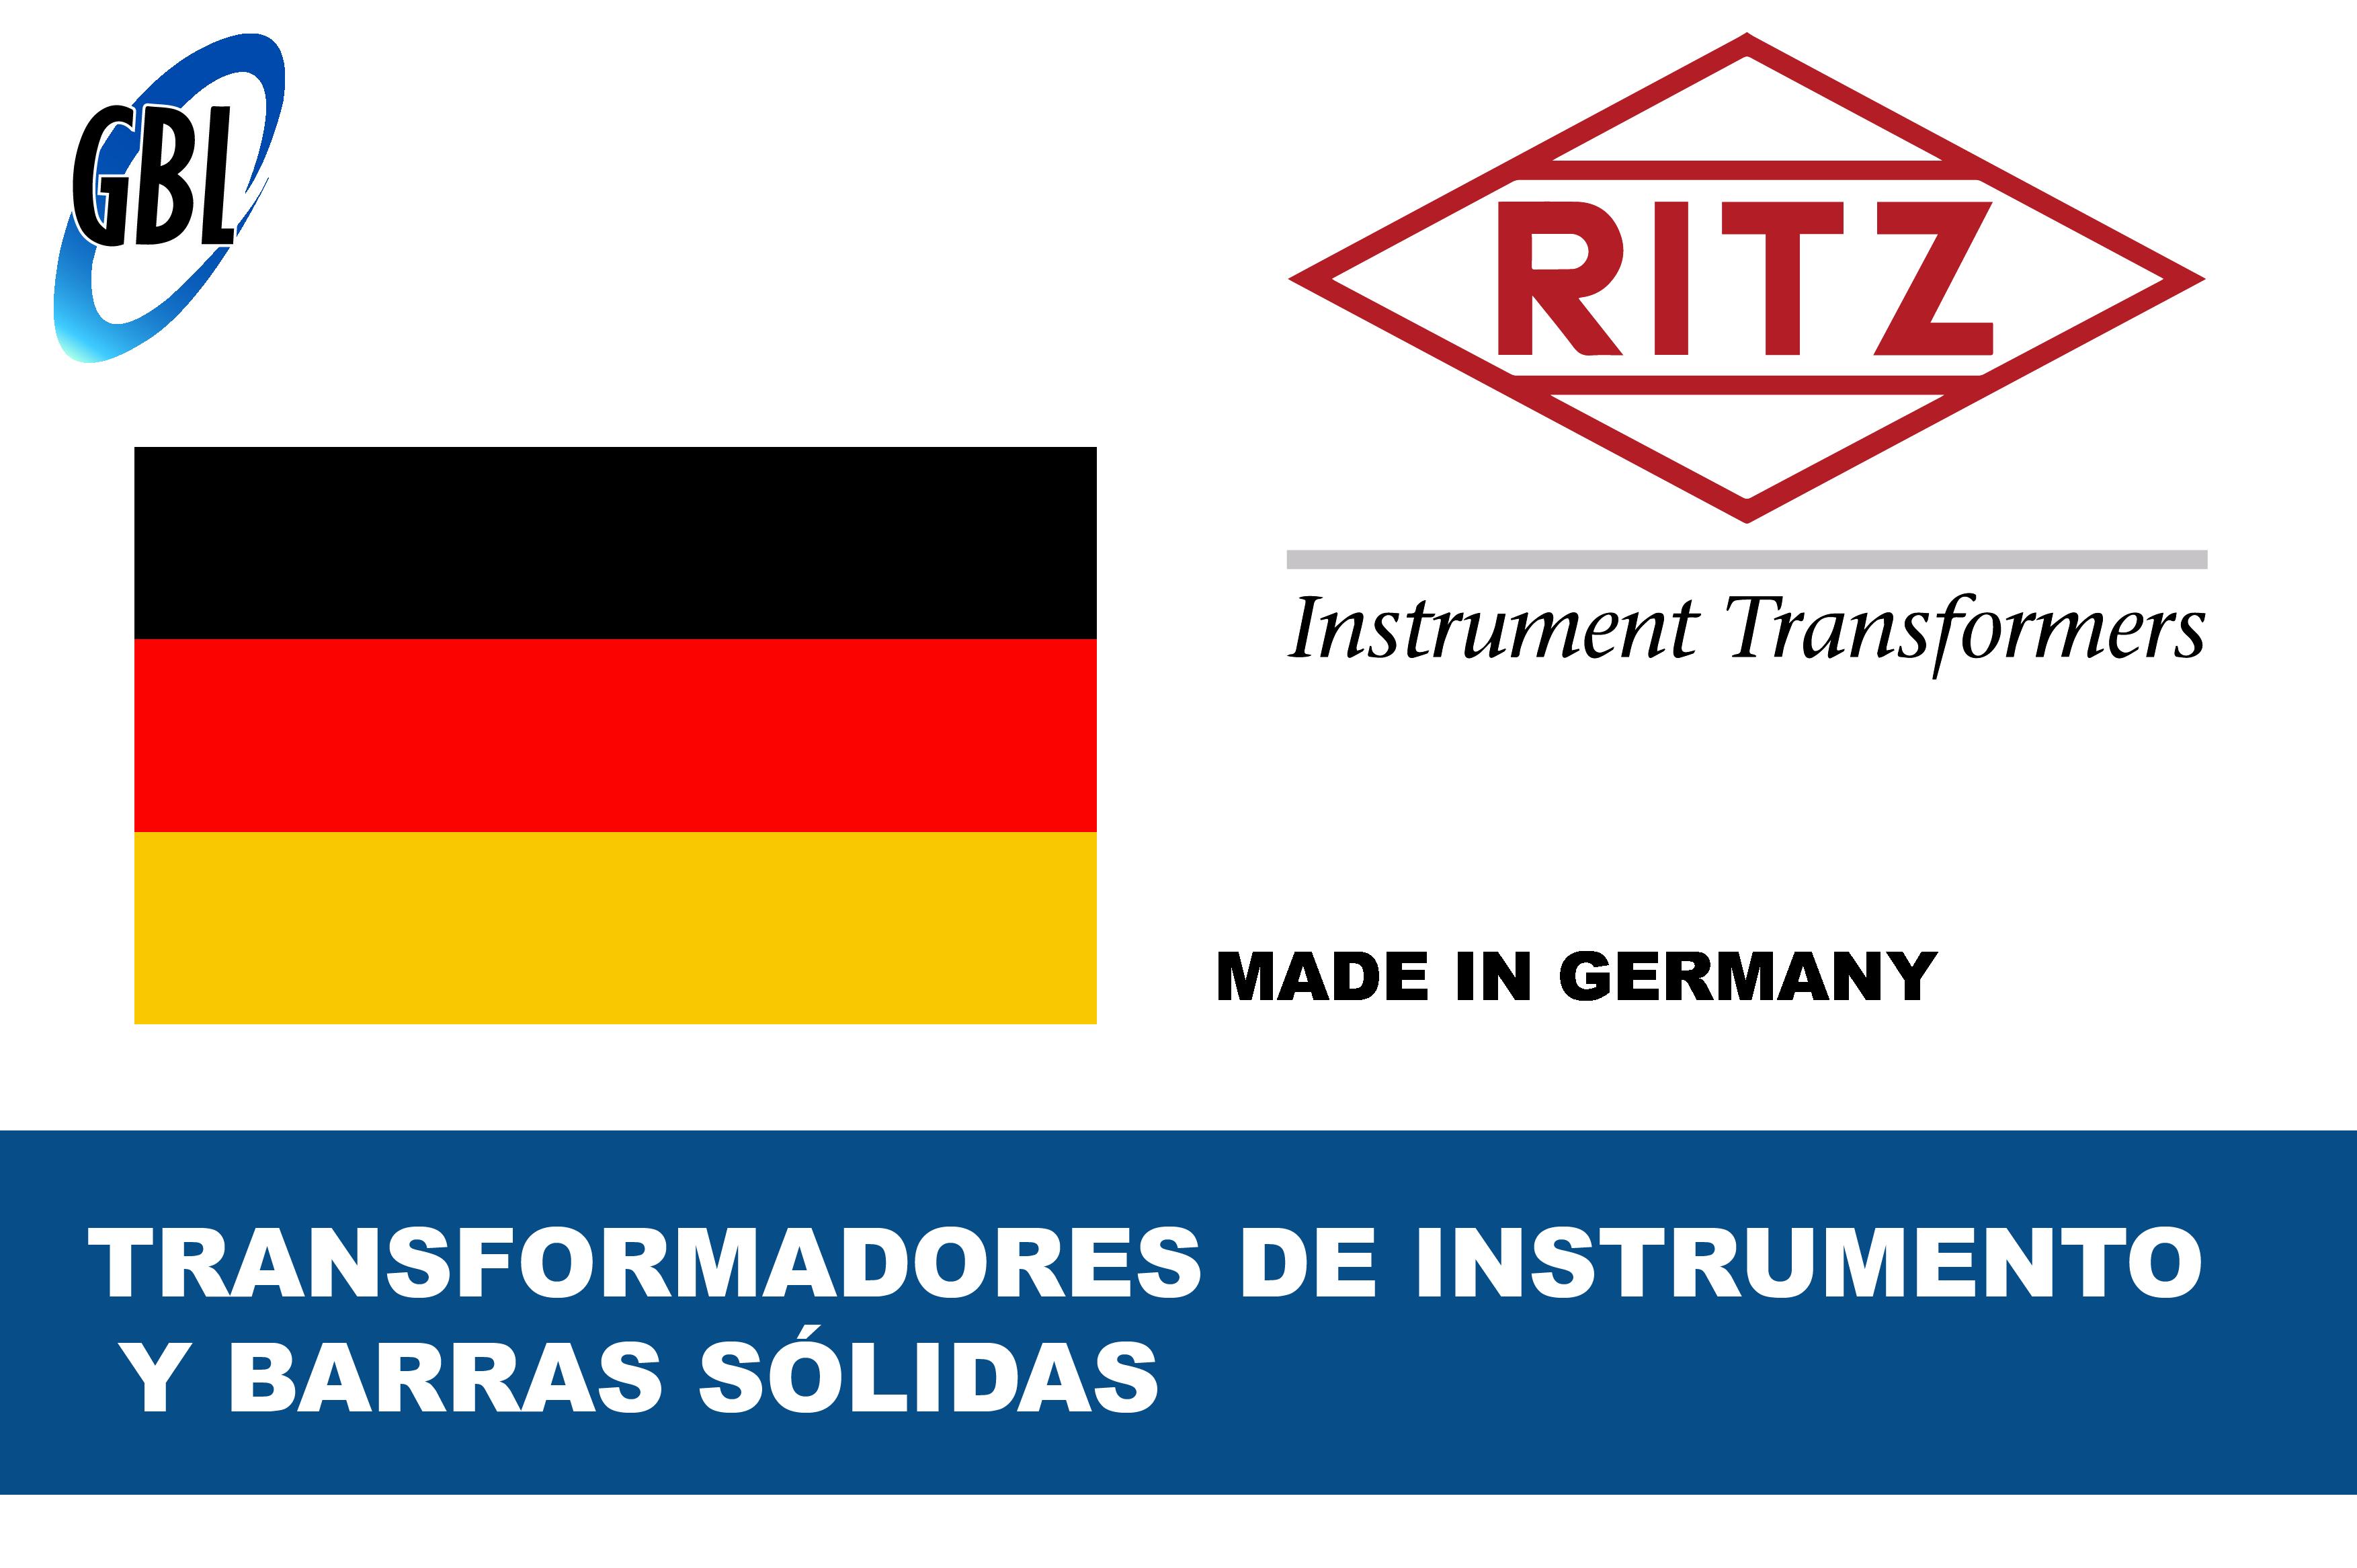 PROVEEDOR DE EQUIPOS DETRANSFORMADORES DE INSTRUMENTO Y BARRA SOLIDA- RITZ-01